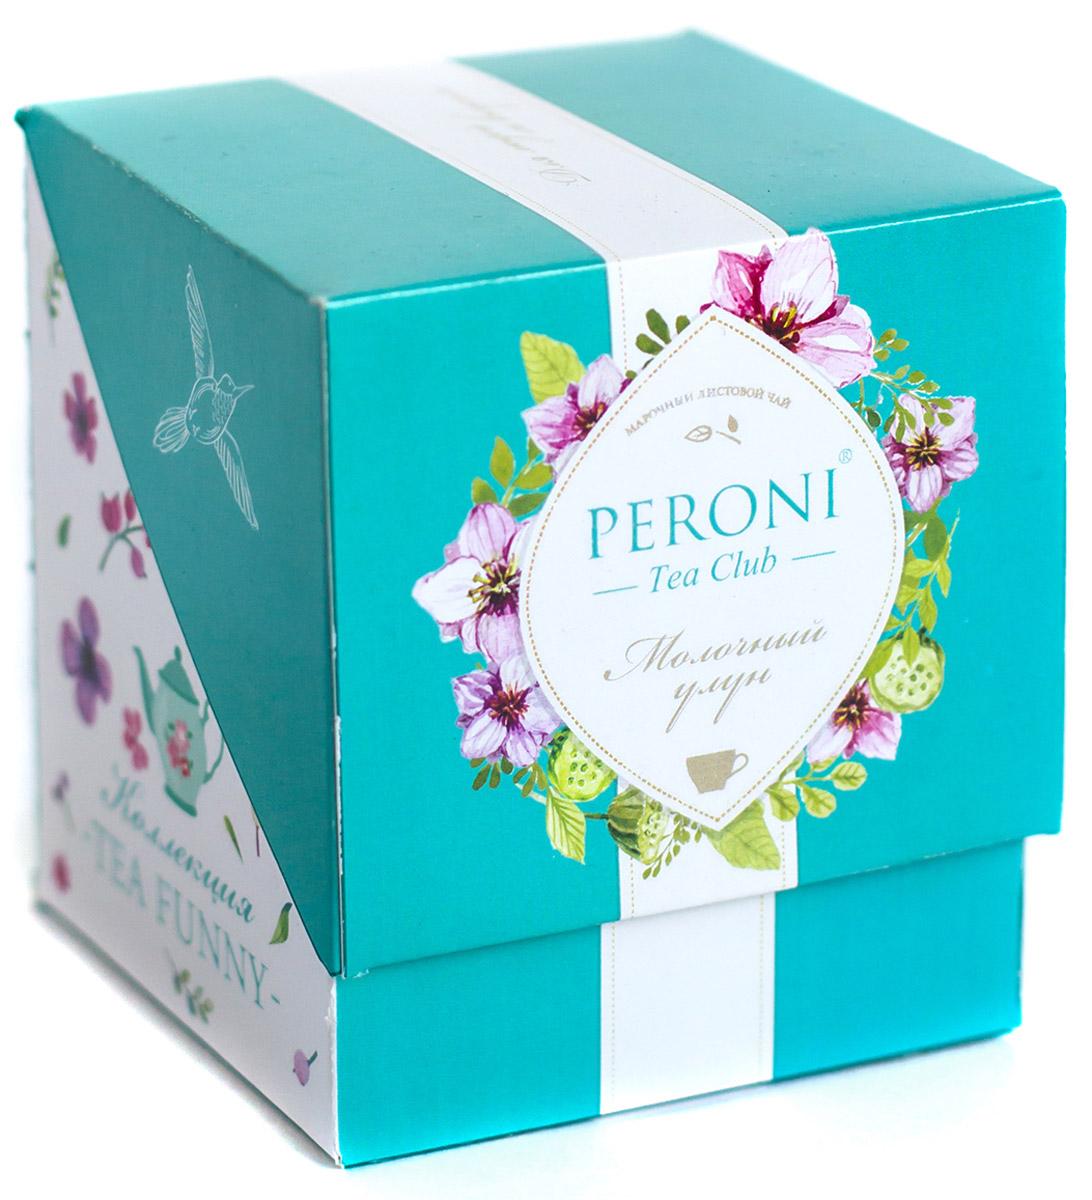 Peroni Tea Funny Молочный улун черный листовой чай, 60 г новогодний набор rose романтика и страсть макси peroni